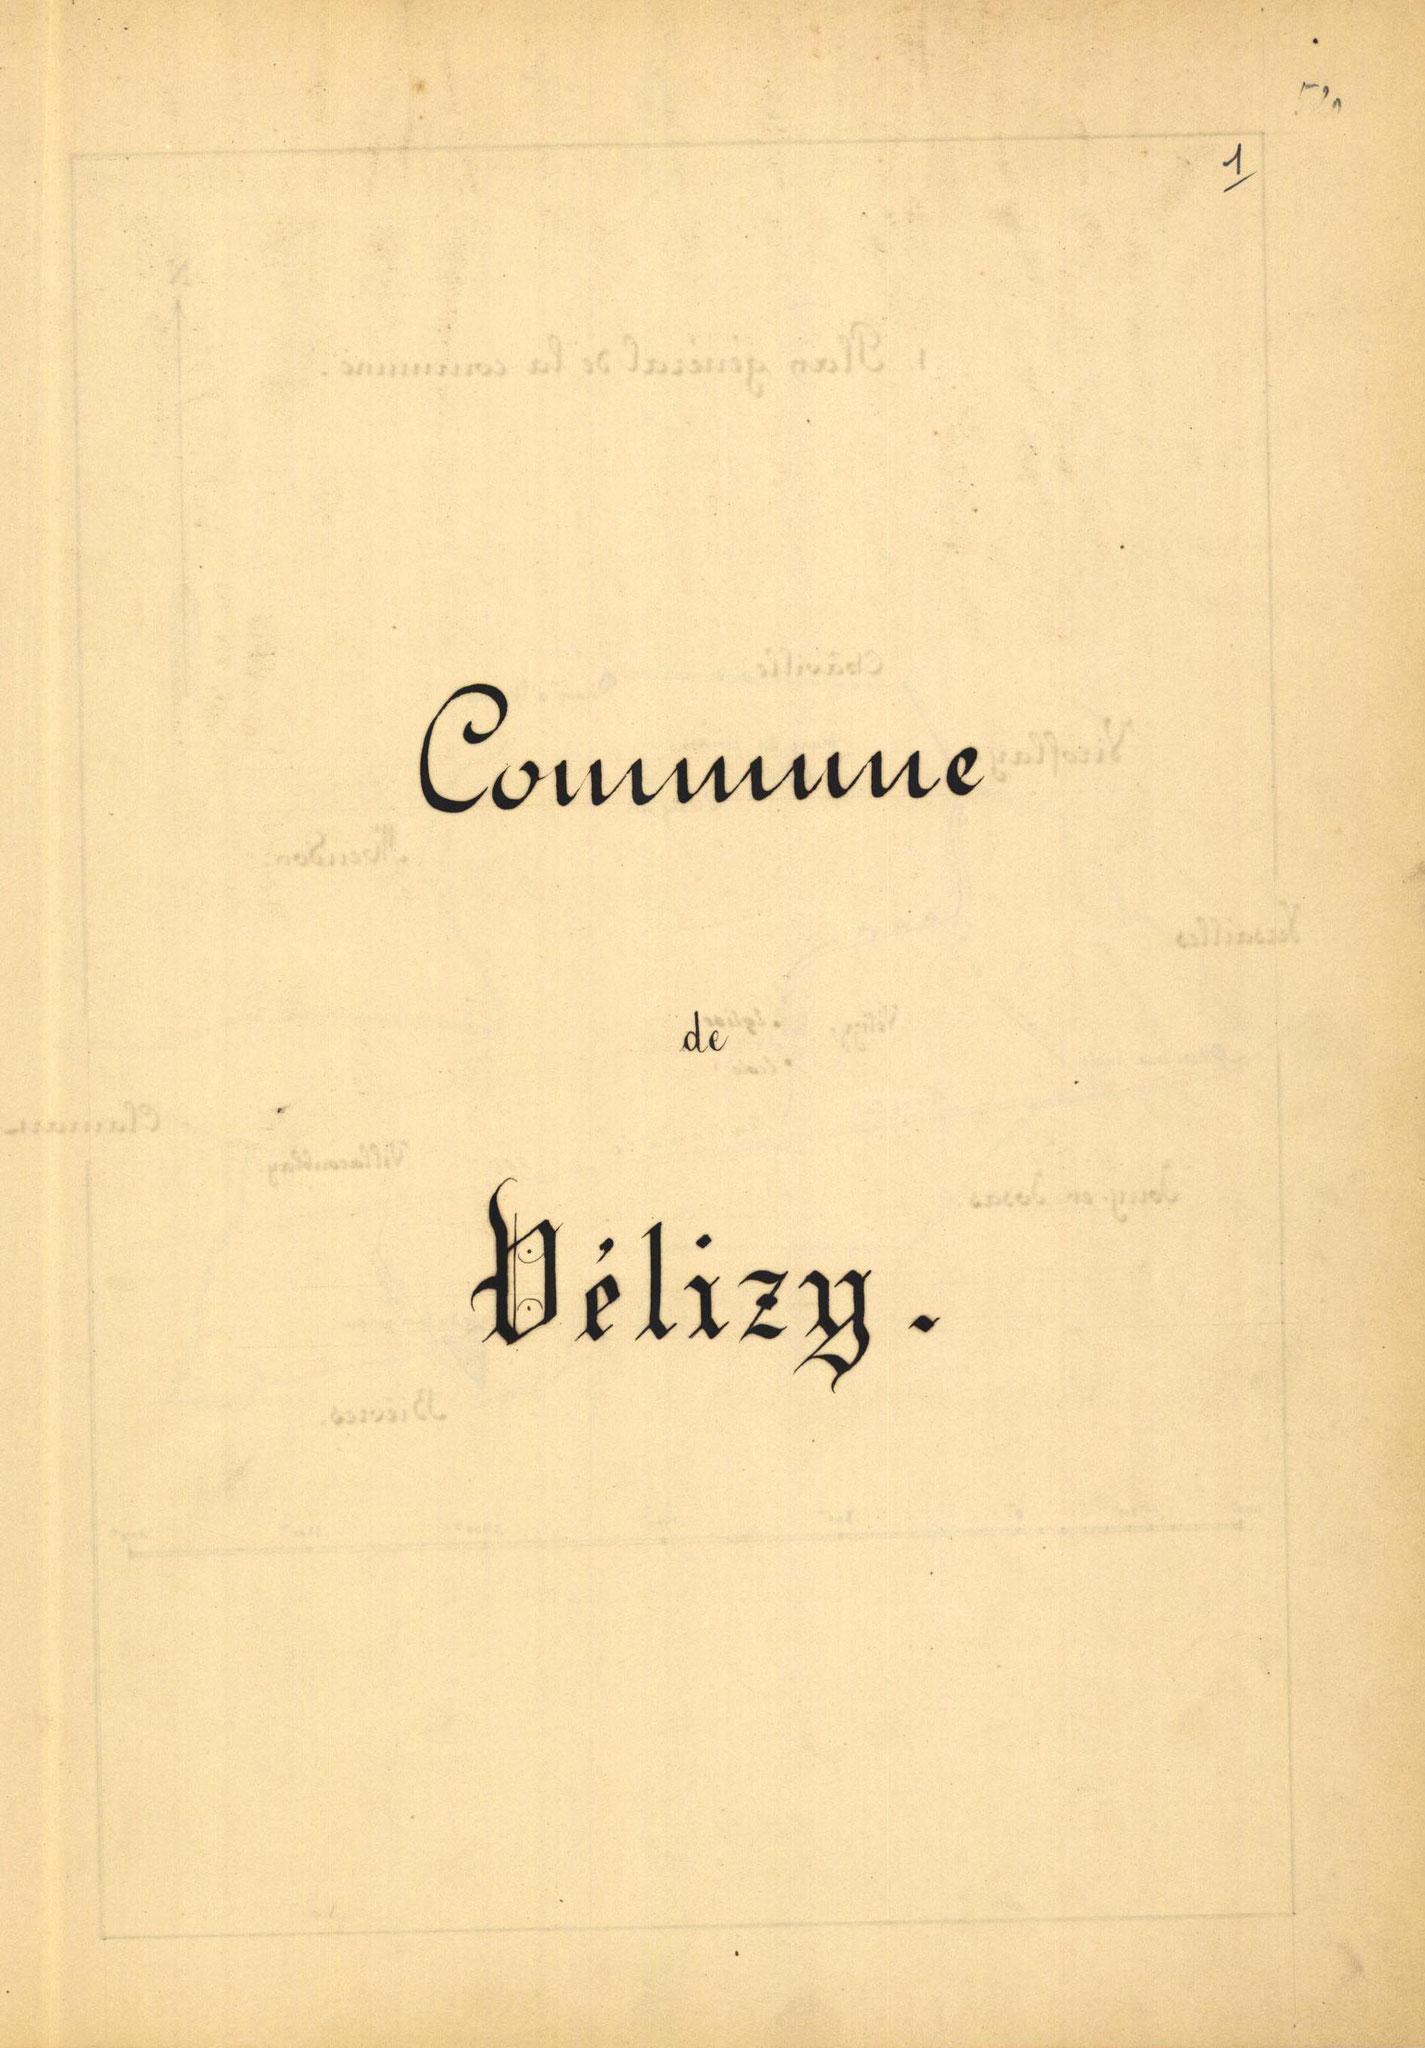 Page 1 - Monographie communale de l'instituteur de Vélizy, 1899